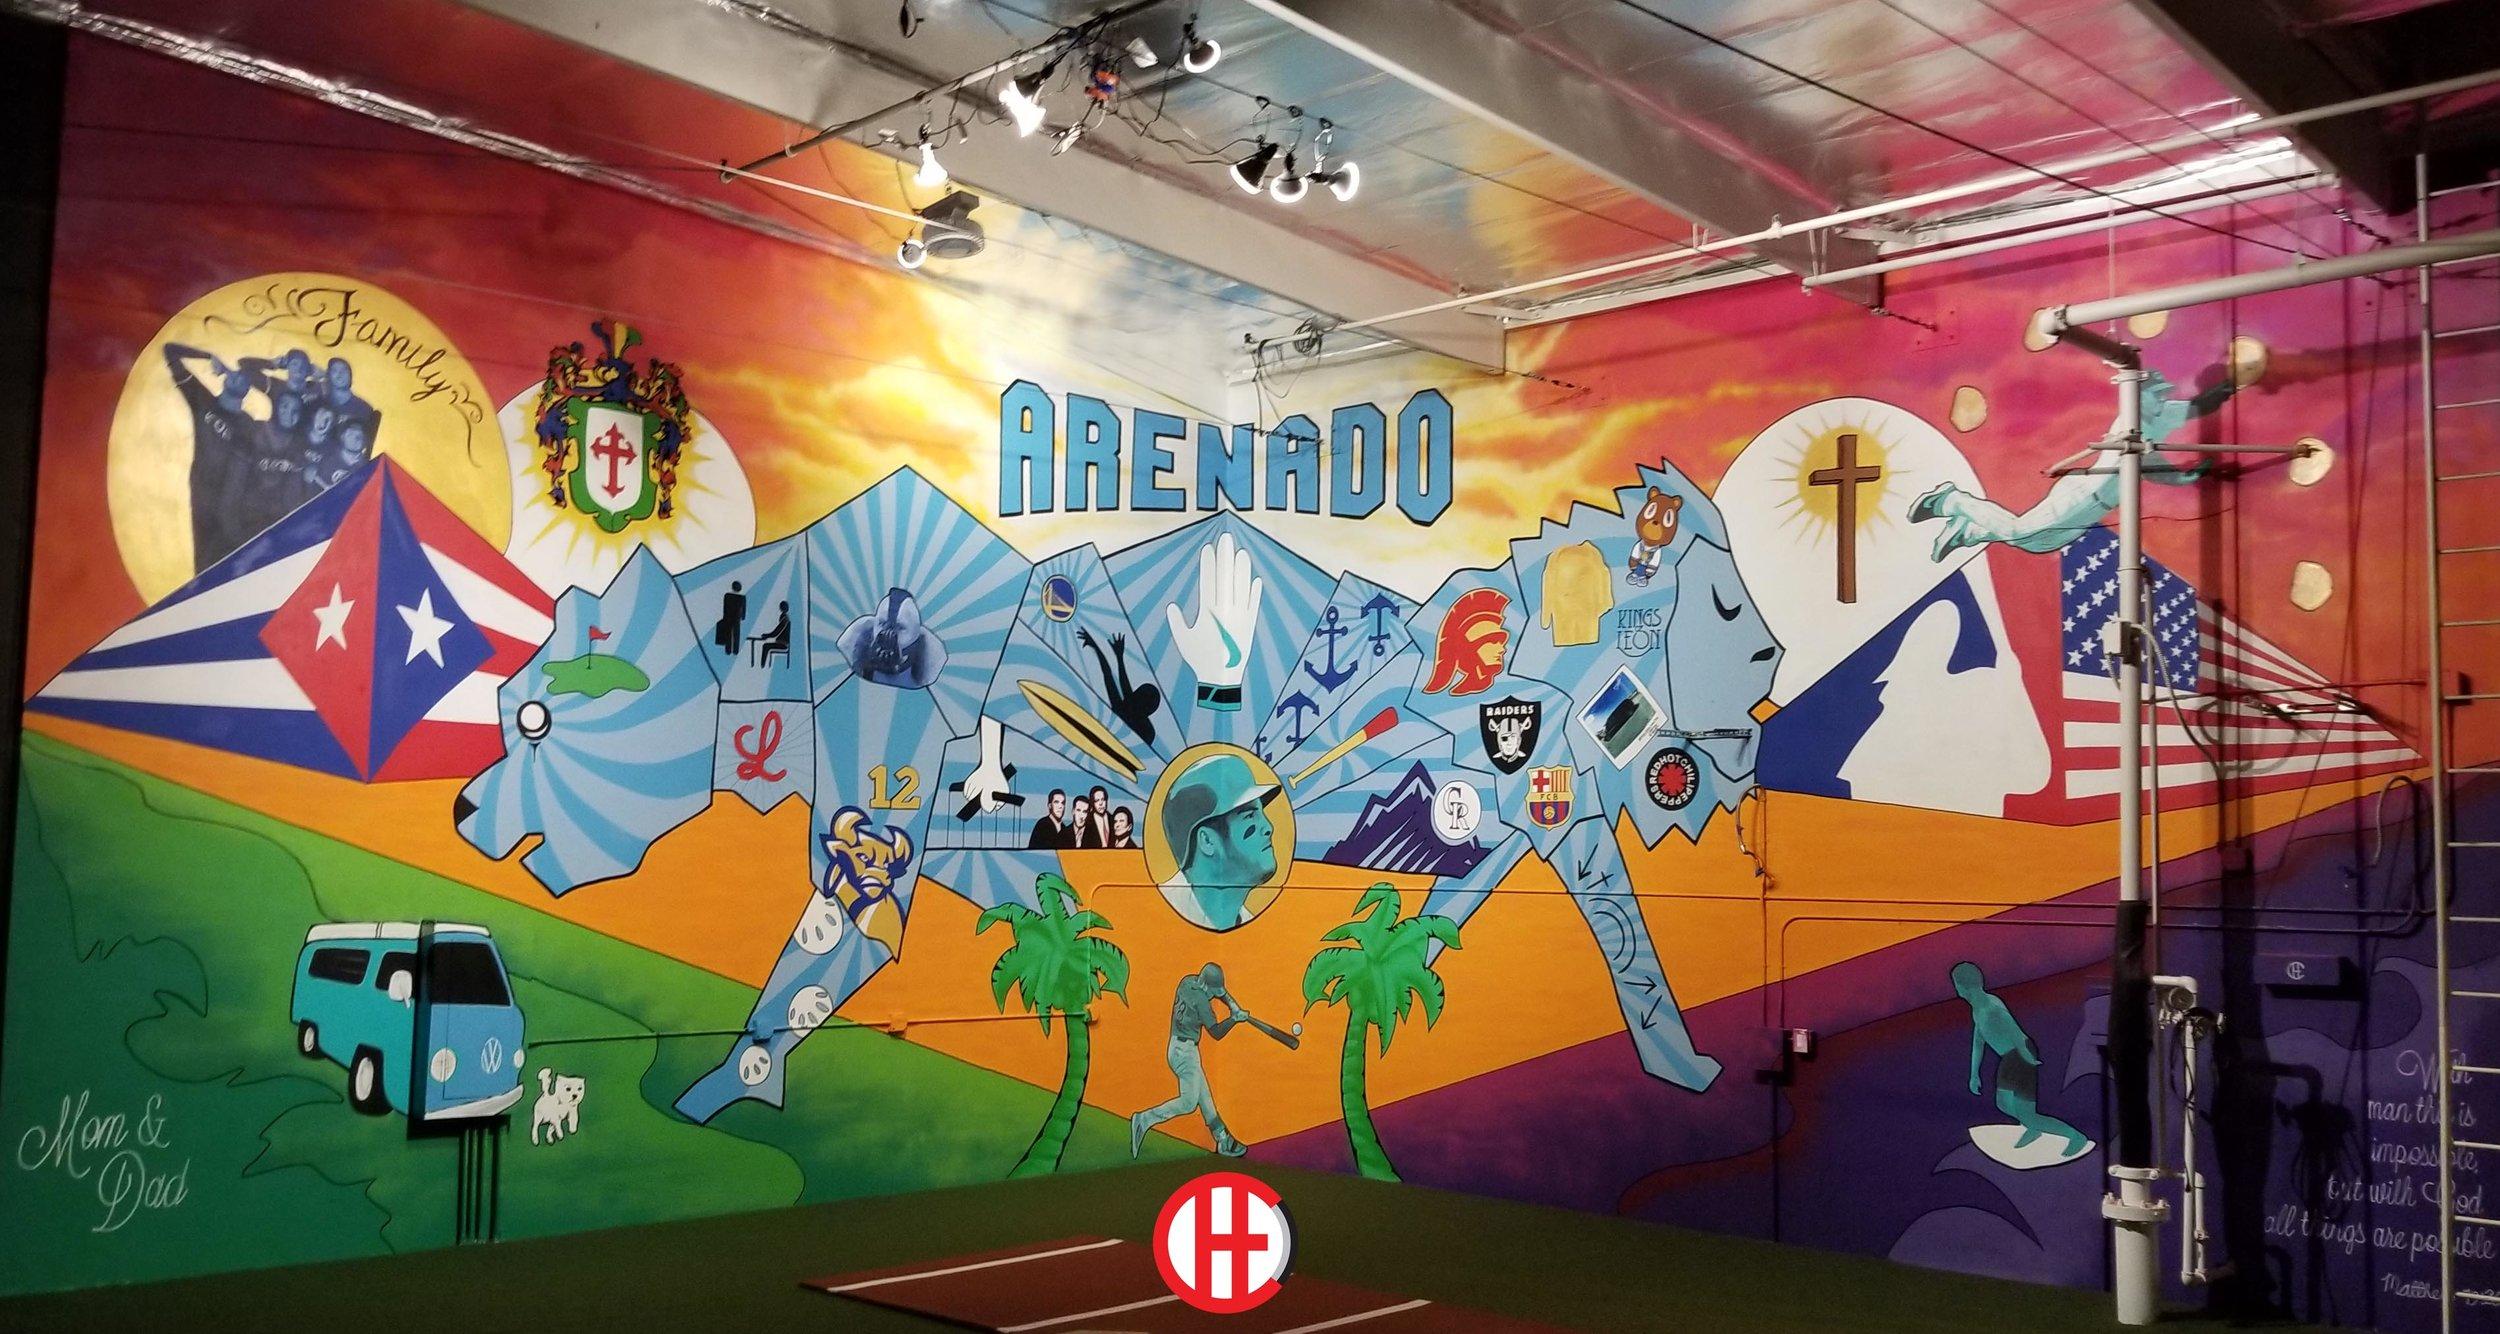 Vivache Designs Arenado Mural Painter Mural Artist Muralist Los Angeles.jpg